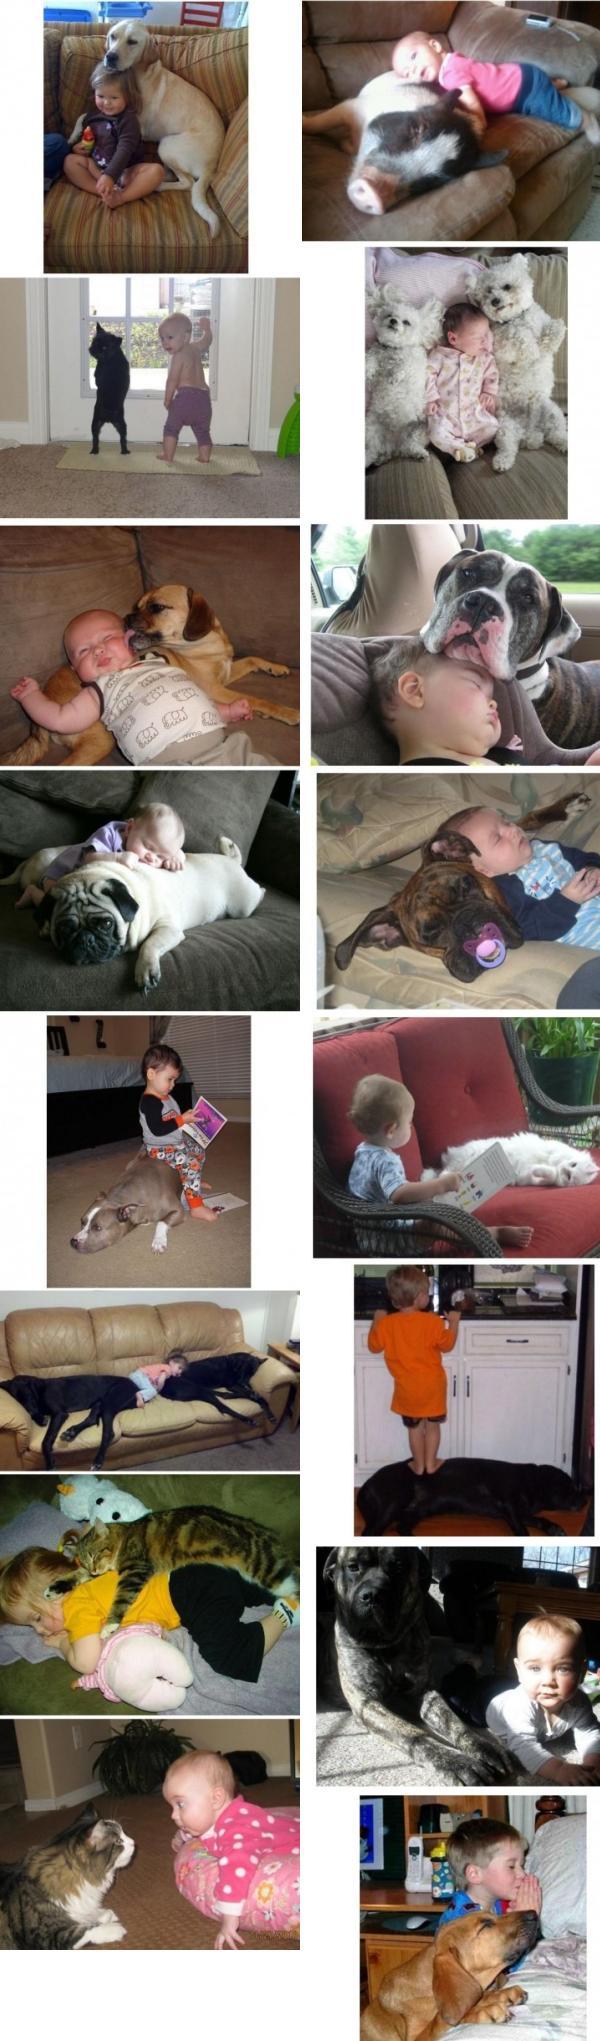 Kinderen met hun huisdier